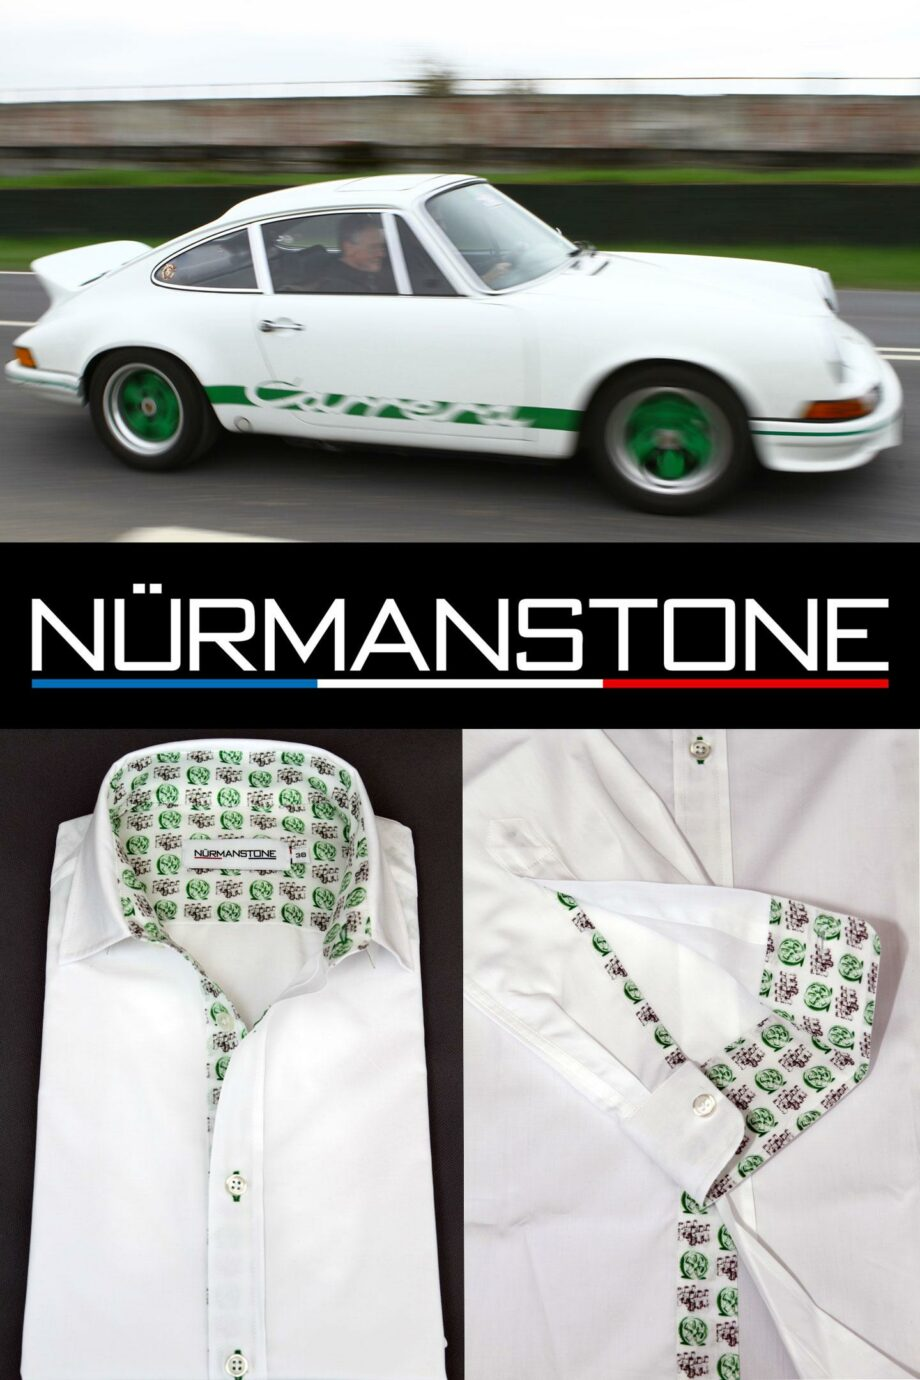 Nurmanstone : spécialiste vêtement sport mécanique